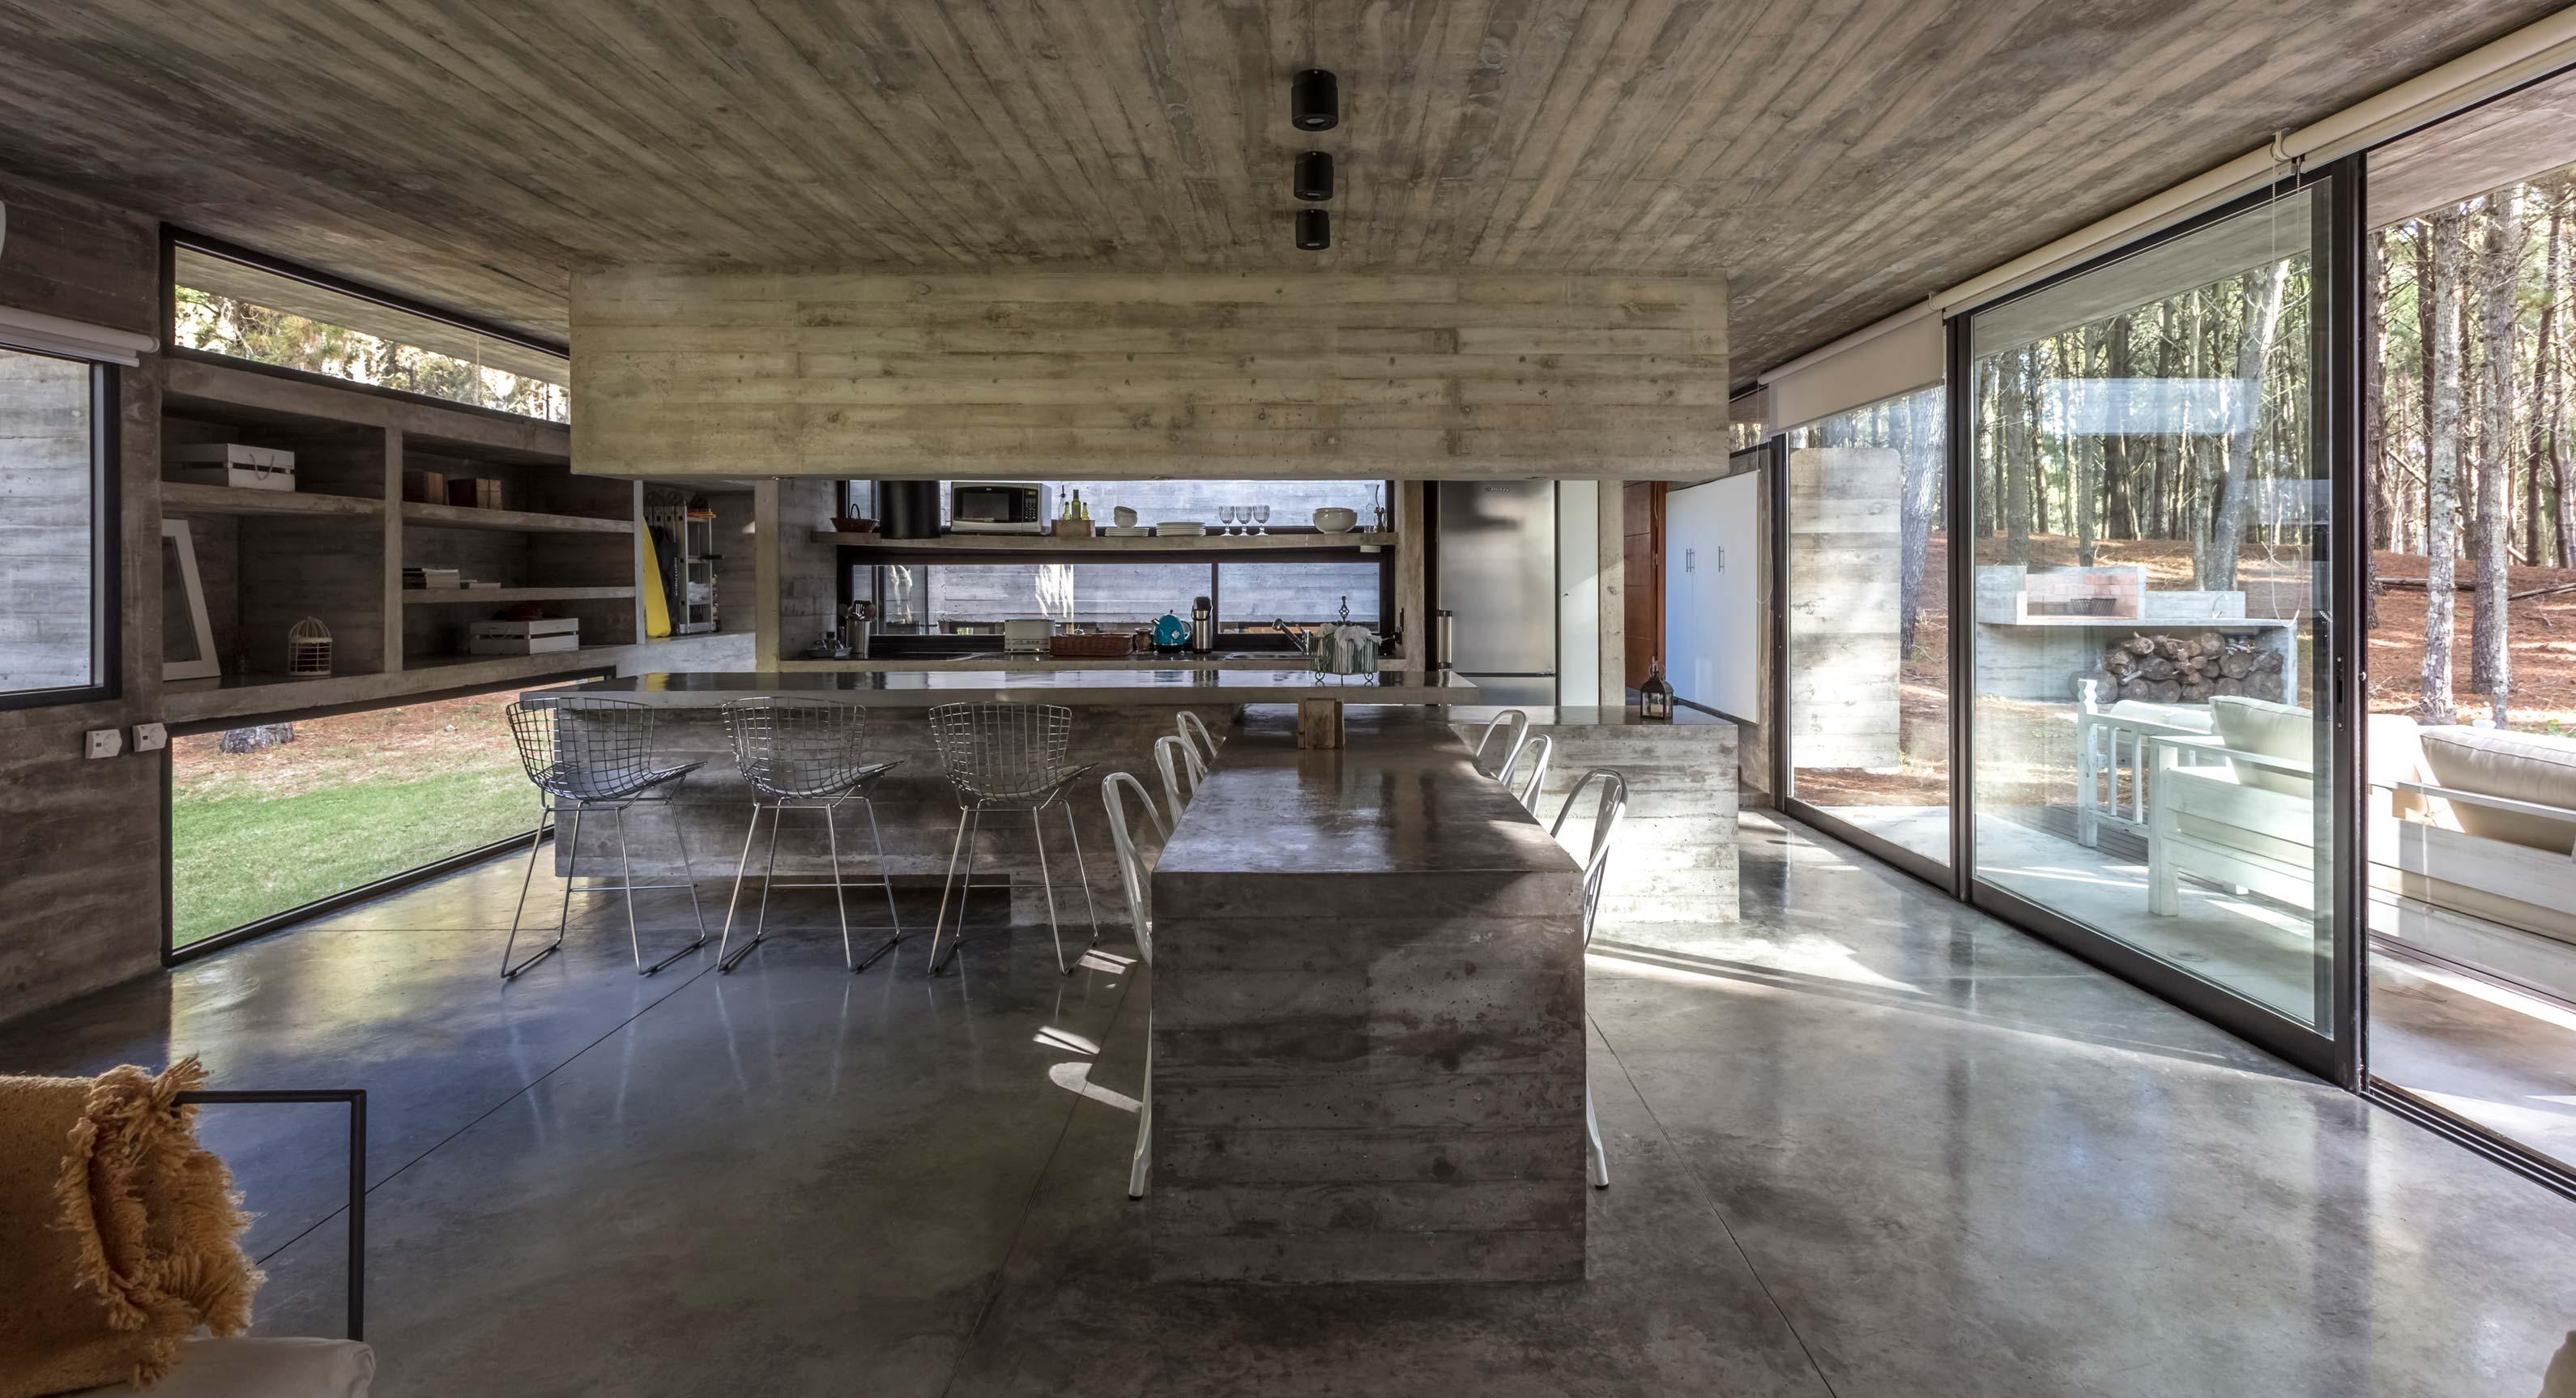 A Look Inside Besonías Almeida Arquitectos' Concrete Summer House